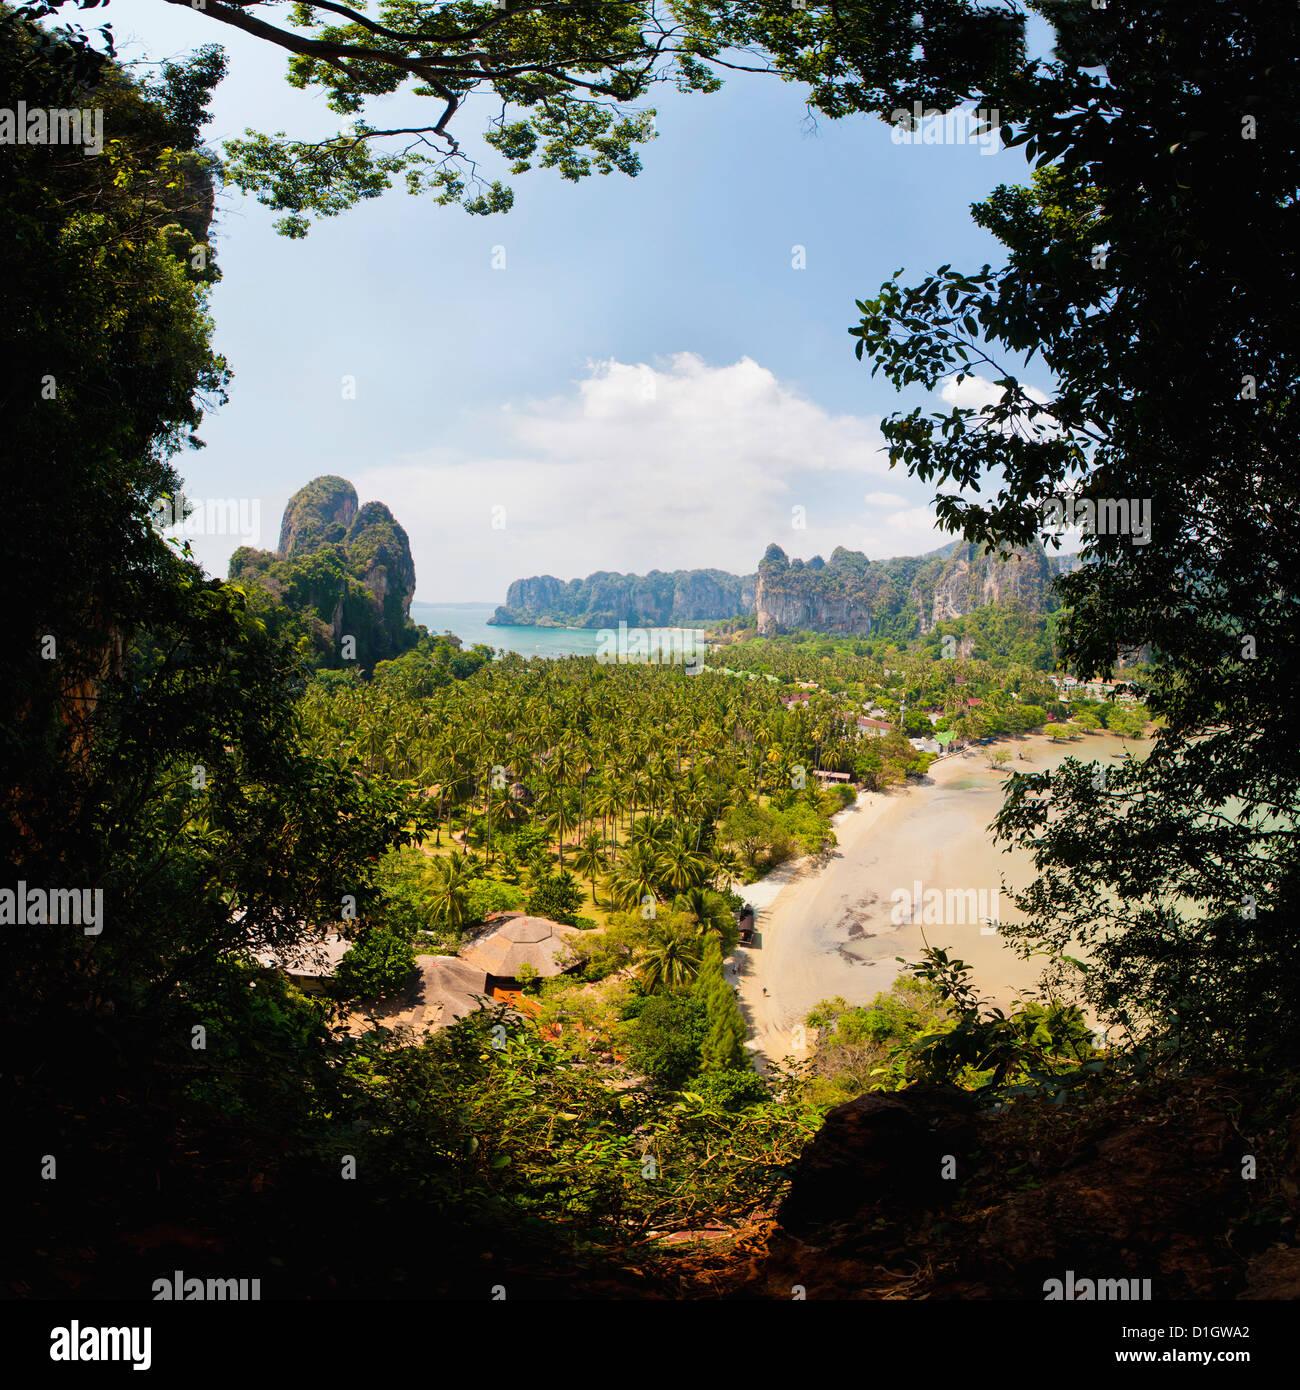 Este Railay Beach y Playa de Ao Phra Nang viewpoint, Railay (Rai Leh), el sur de Tailandia, el sudeste de Asia, Imagen De Stock